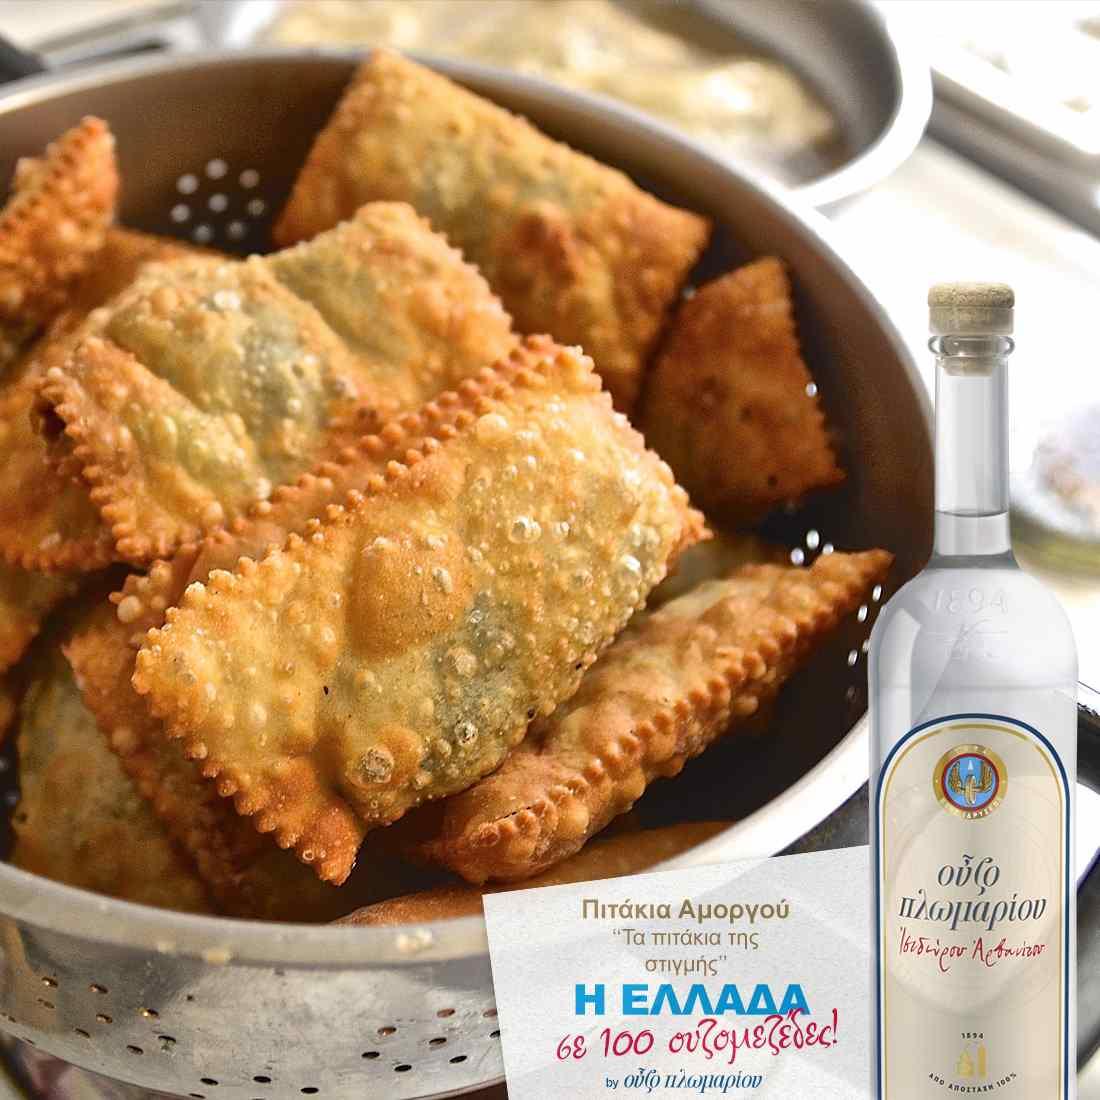 Πιτάκια Αμοργού - Ουζομεζέδες - Greek Gastronomy Guide